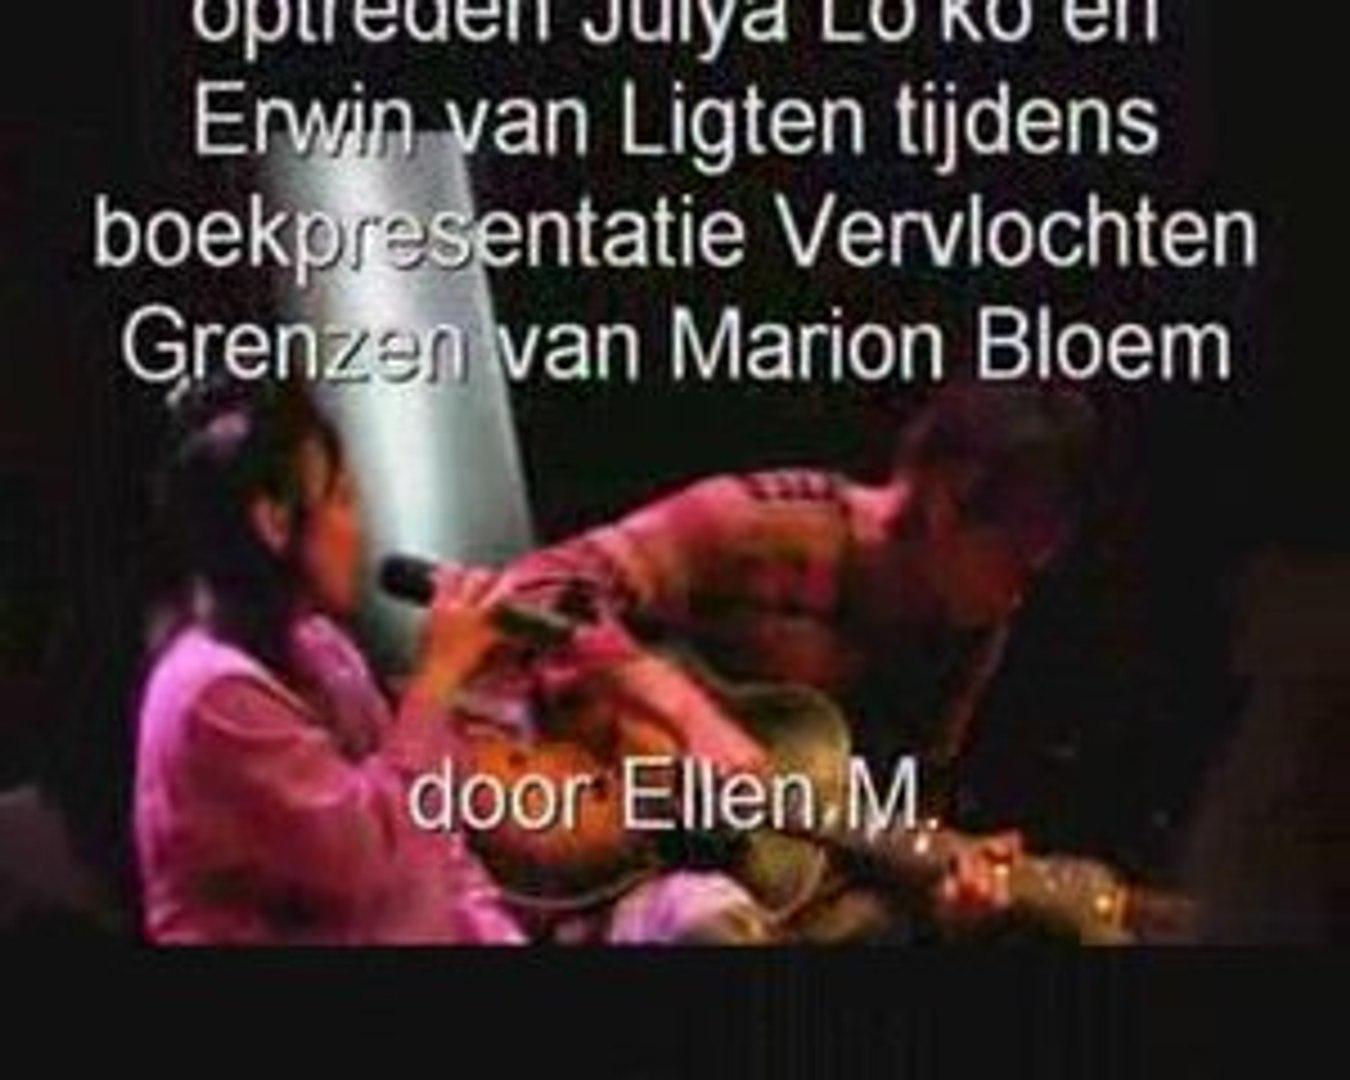 optreden Julya Lo'ko en Erwin van Ligten